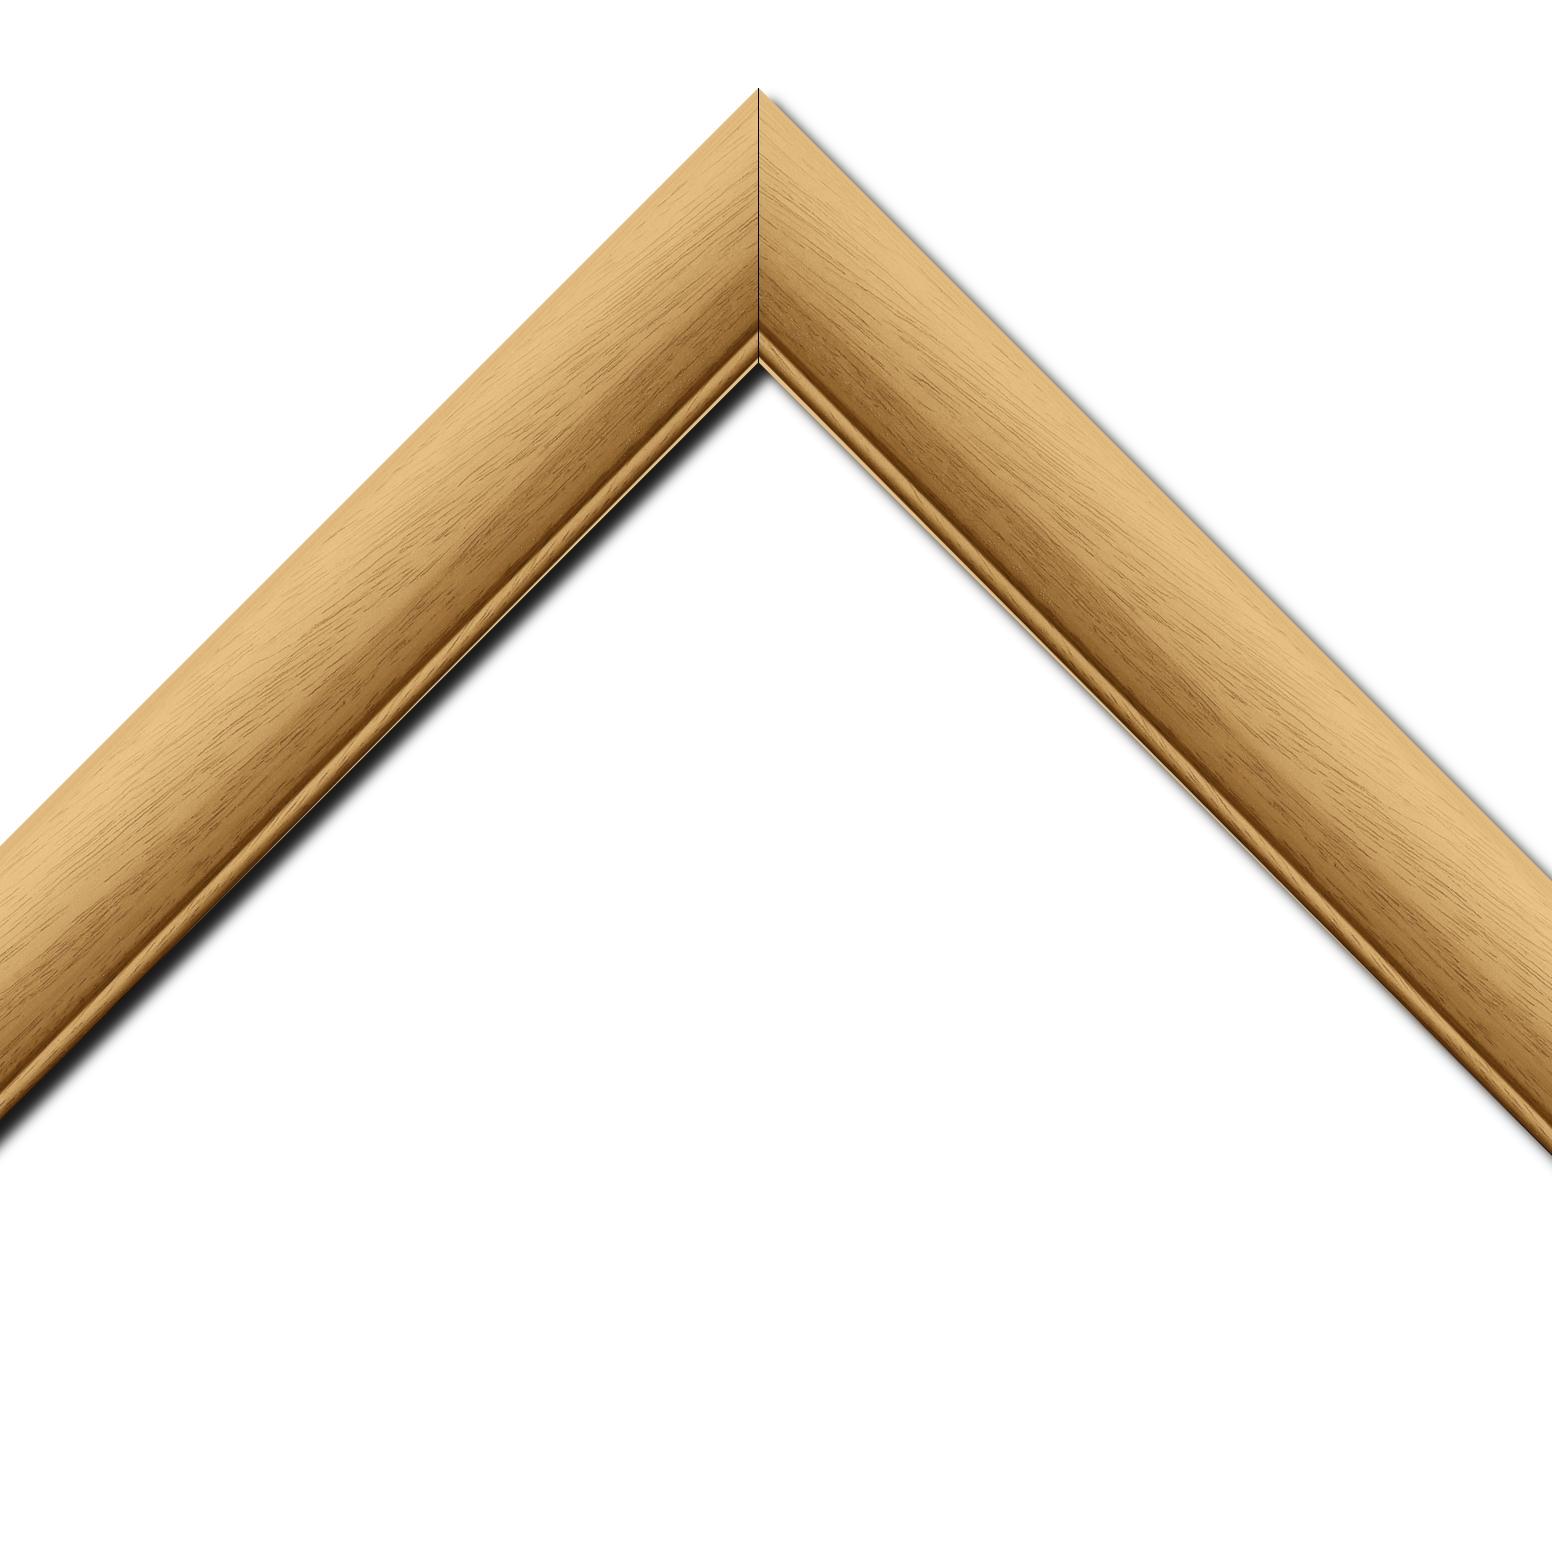 Baguette bois profil arrondi largeur 4.7cm couleur naturel satiné